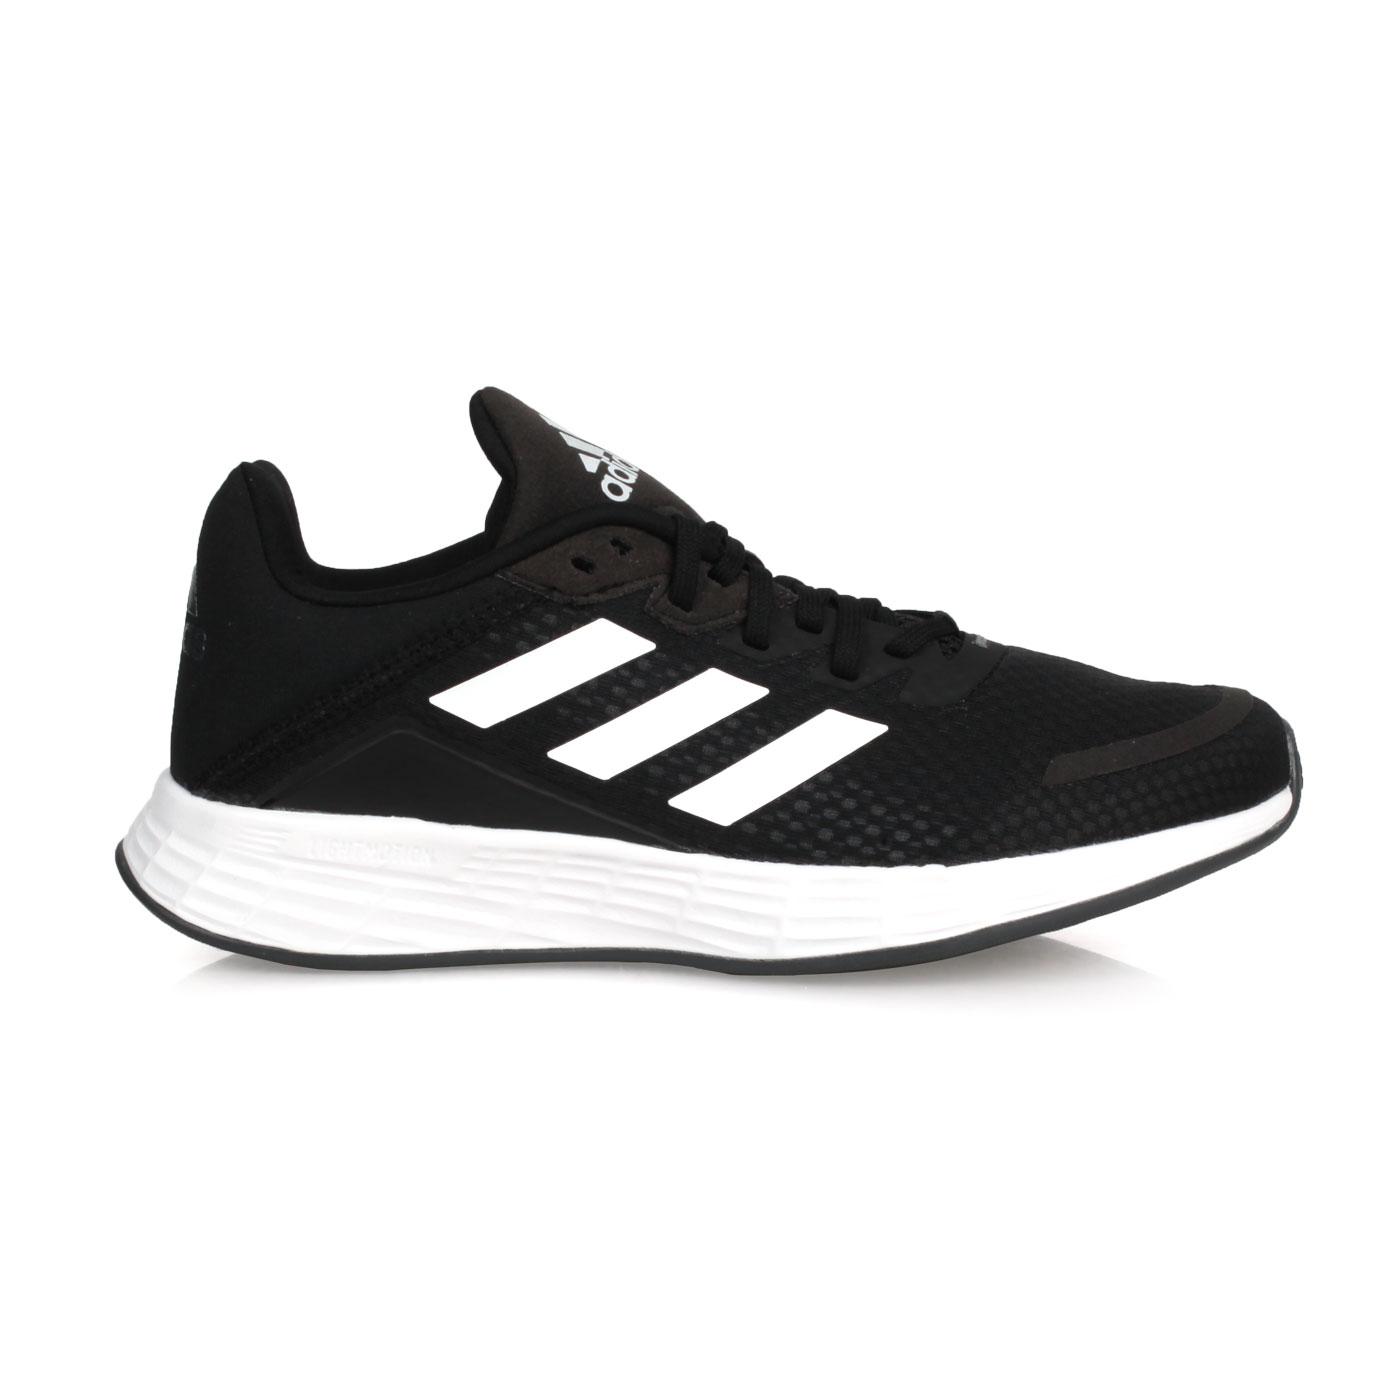 ADIDAS 女款慢跑鞋  @DURAMO SL@FV8794 - 黑白